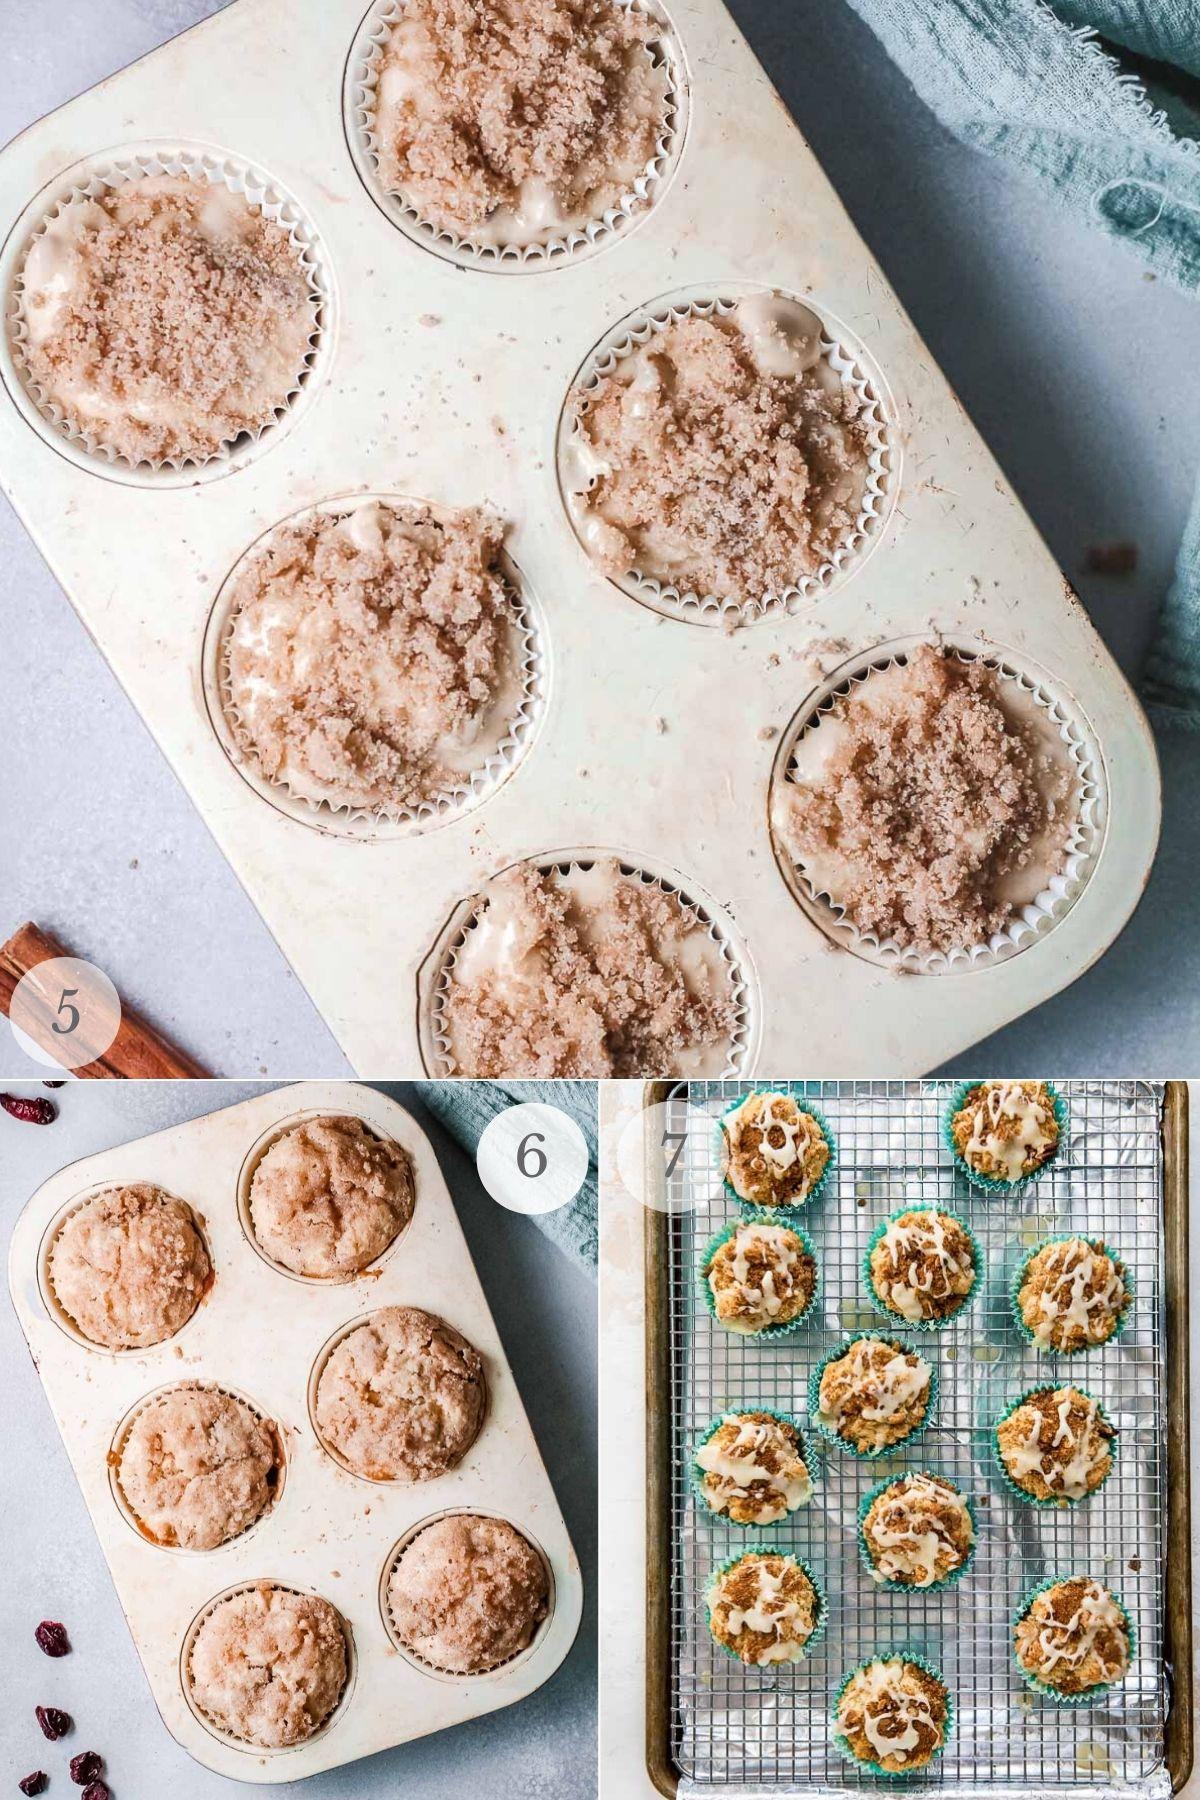 cranberry orange muffins recipe steps 5-7